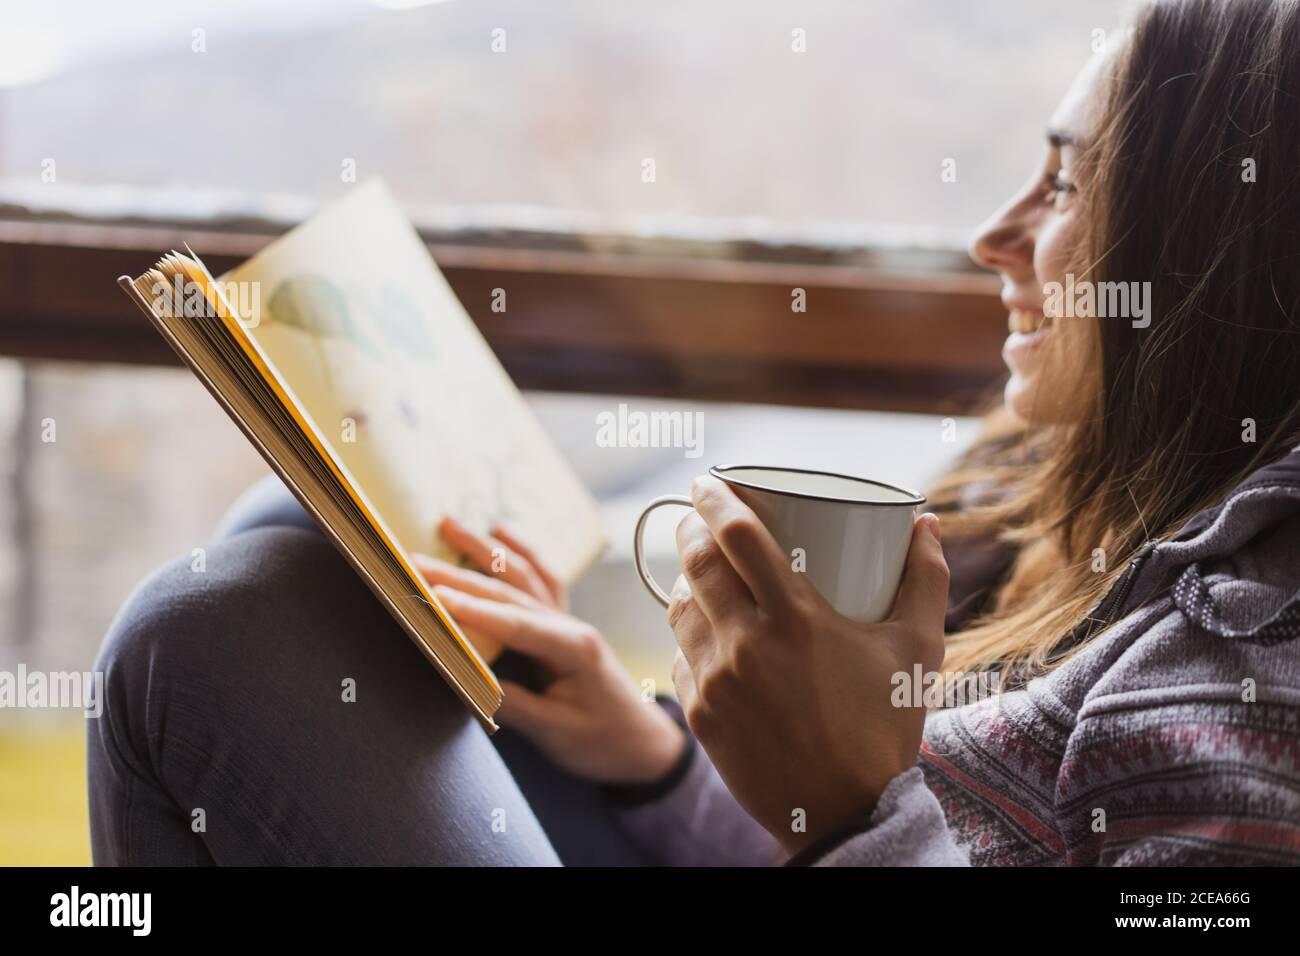 Vista lateral de la señorita con taza de fresco caliente beba leyendo un libro interesante mientras está sentado cerca de una ventana enorme habitación acogedora Foto de stock